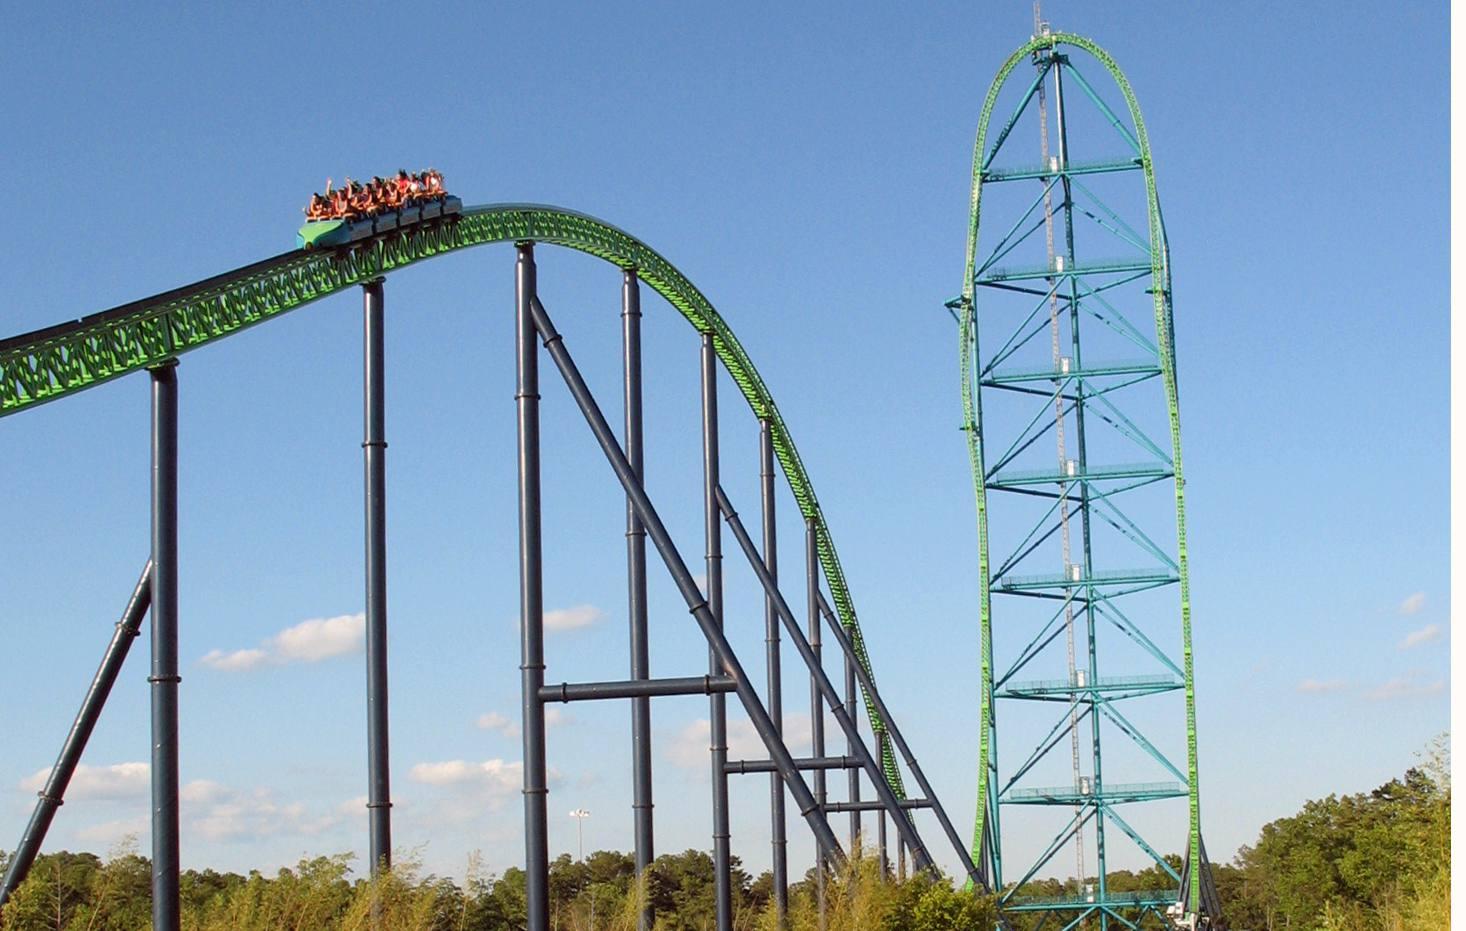 Kingda Ka coaster at Six Flags Great Adventure